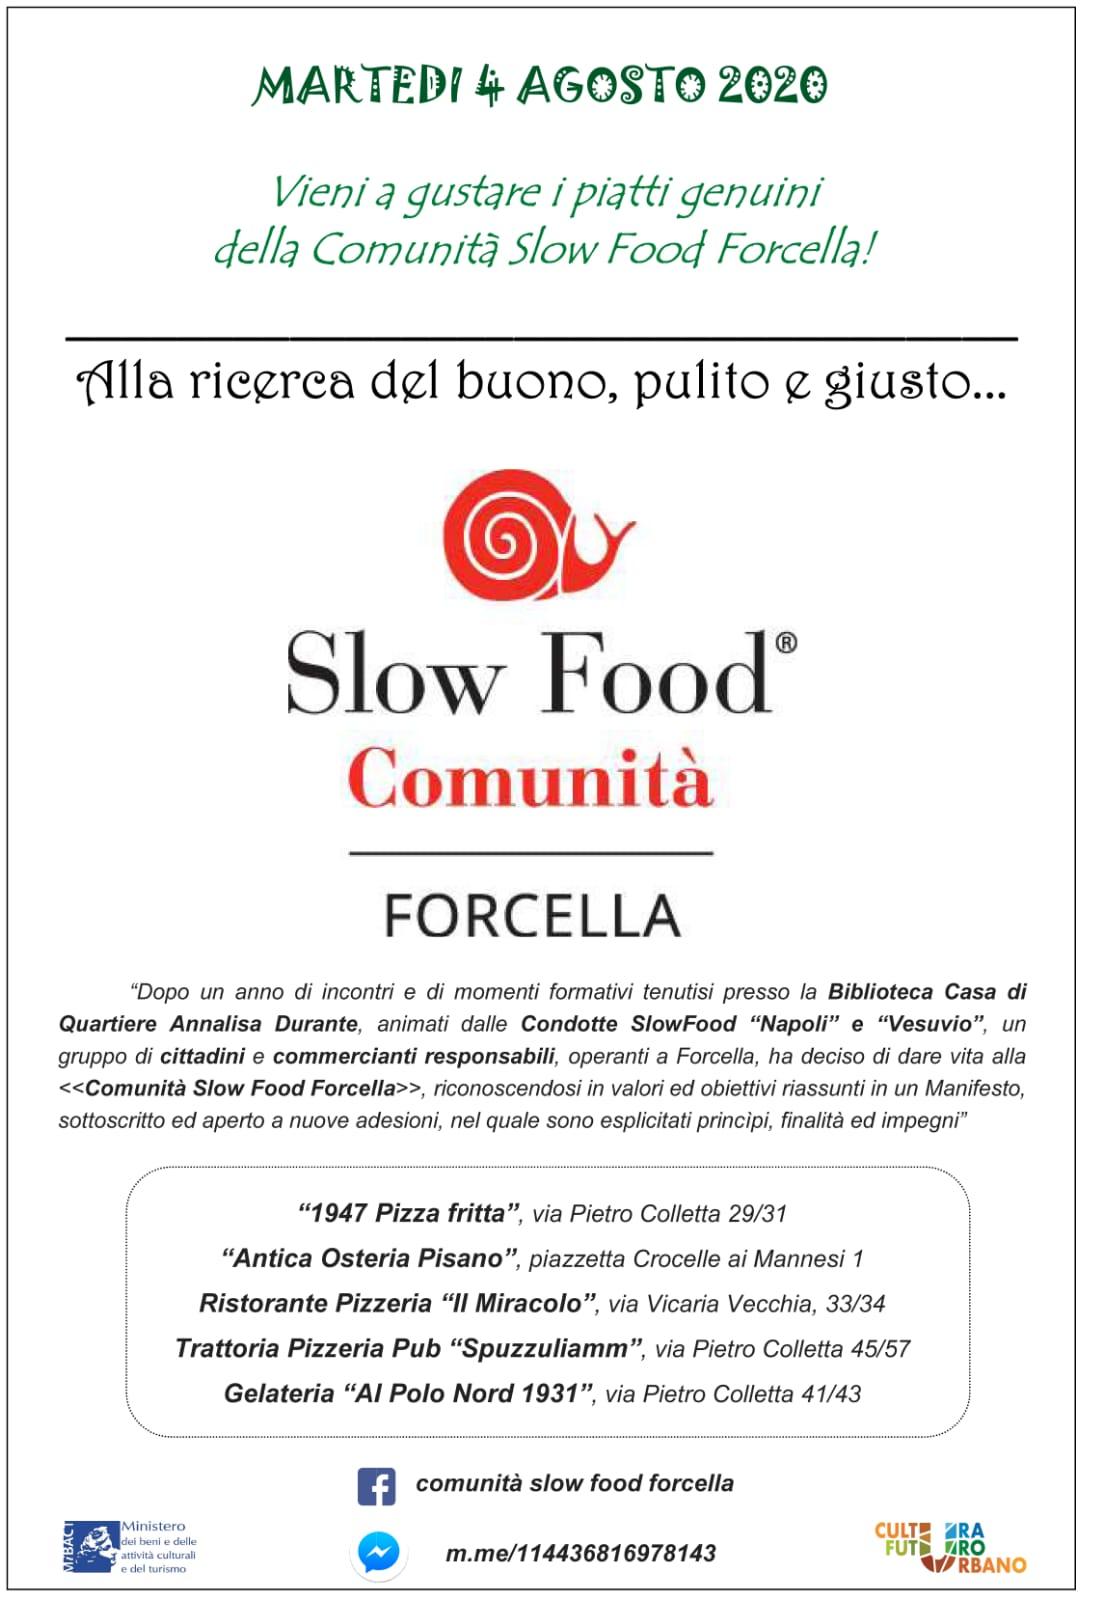 Martedi 4 agosto. Una giornata di prelibatezze presso la Comunità Slow Food Forcella